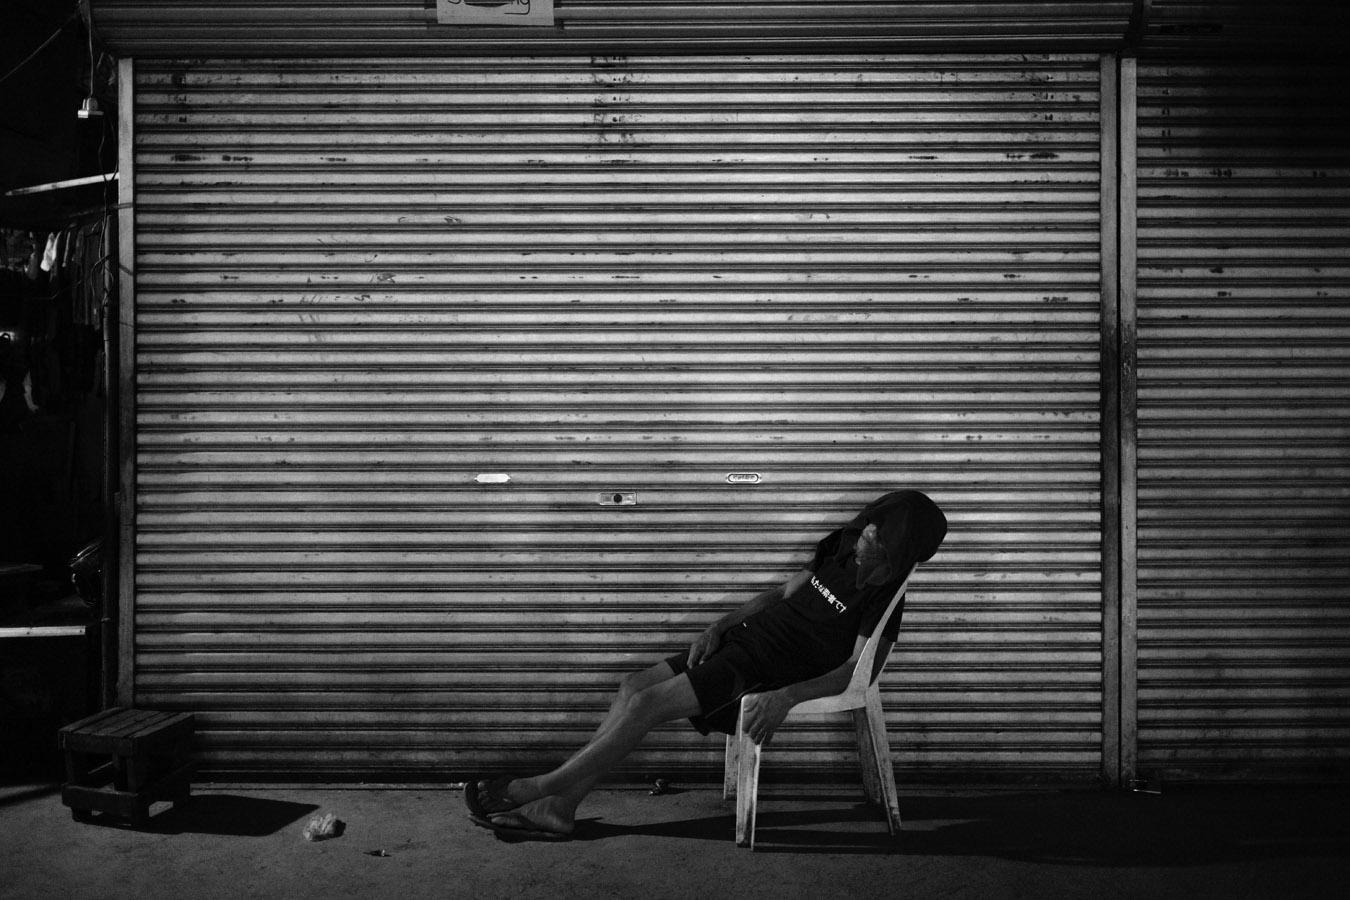 Cebu_by_night_Delettre_Cyril07.jpg